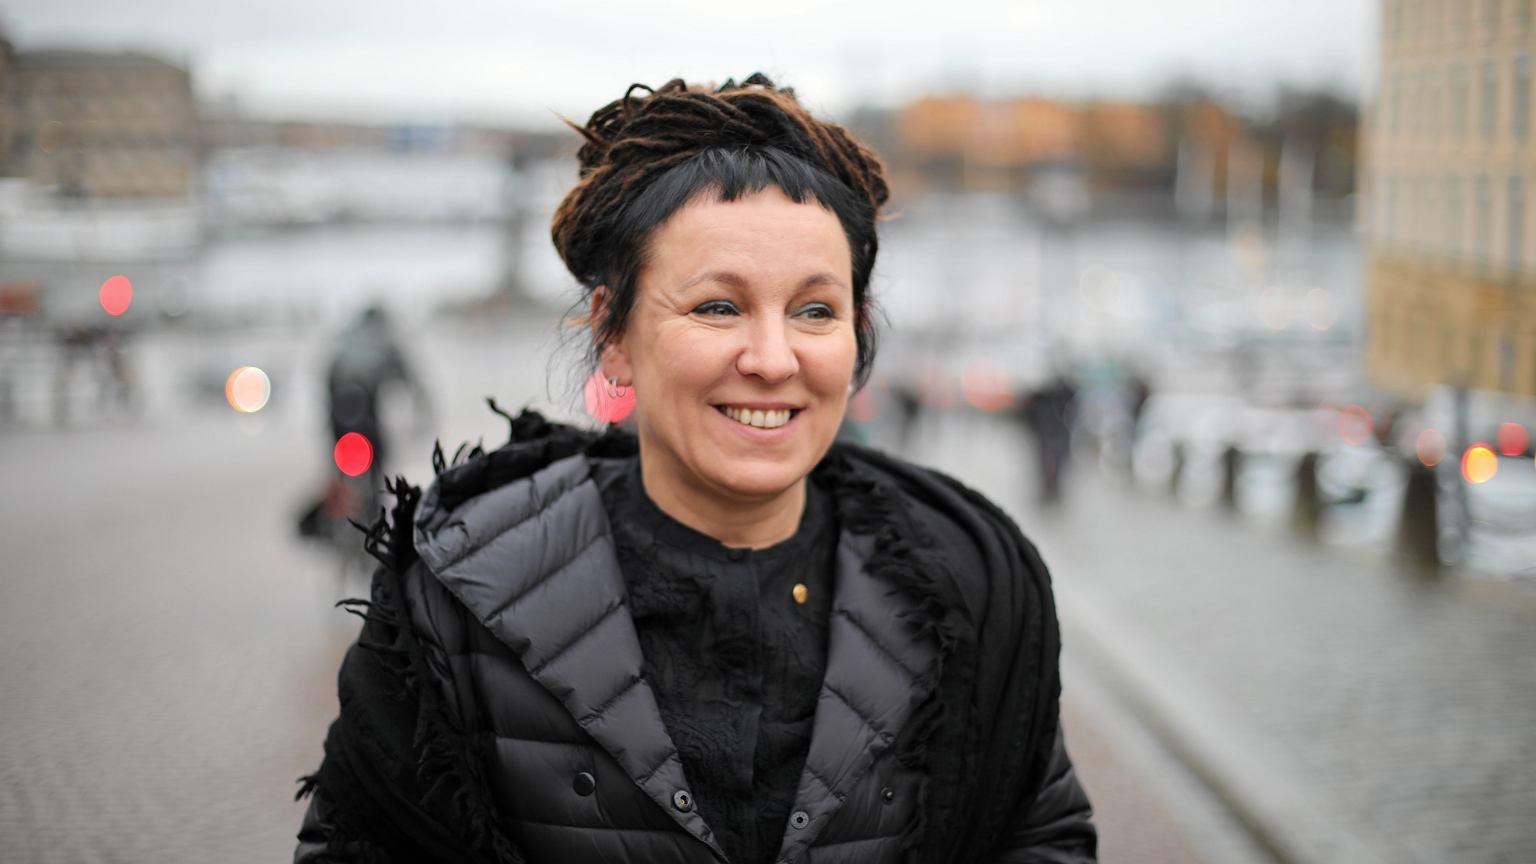 Wręczenie Nobla. Olga Tokarczuk odbiera medal, trzymamy kciuki za prawidłowe ukłony